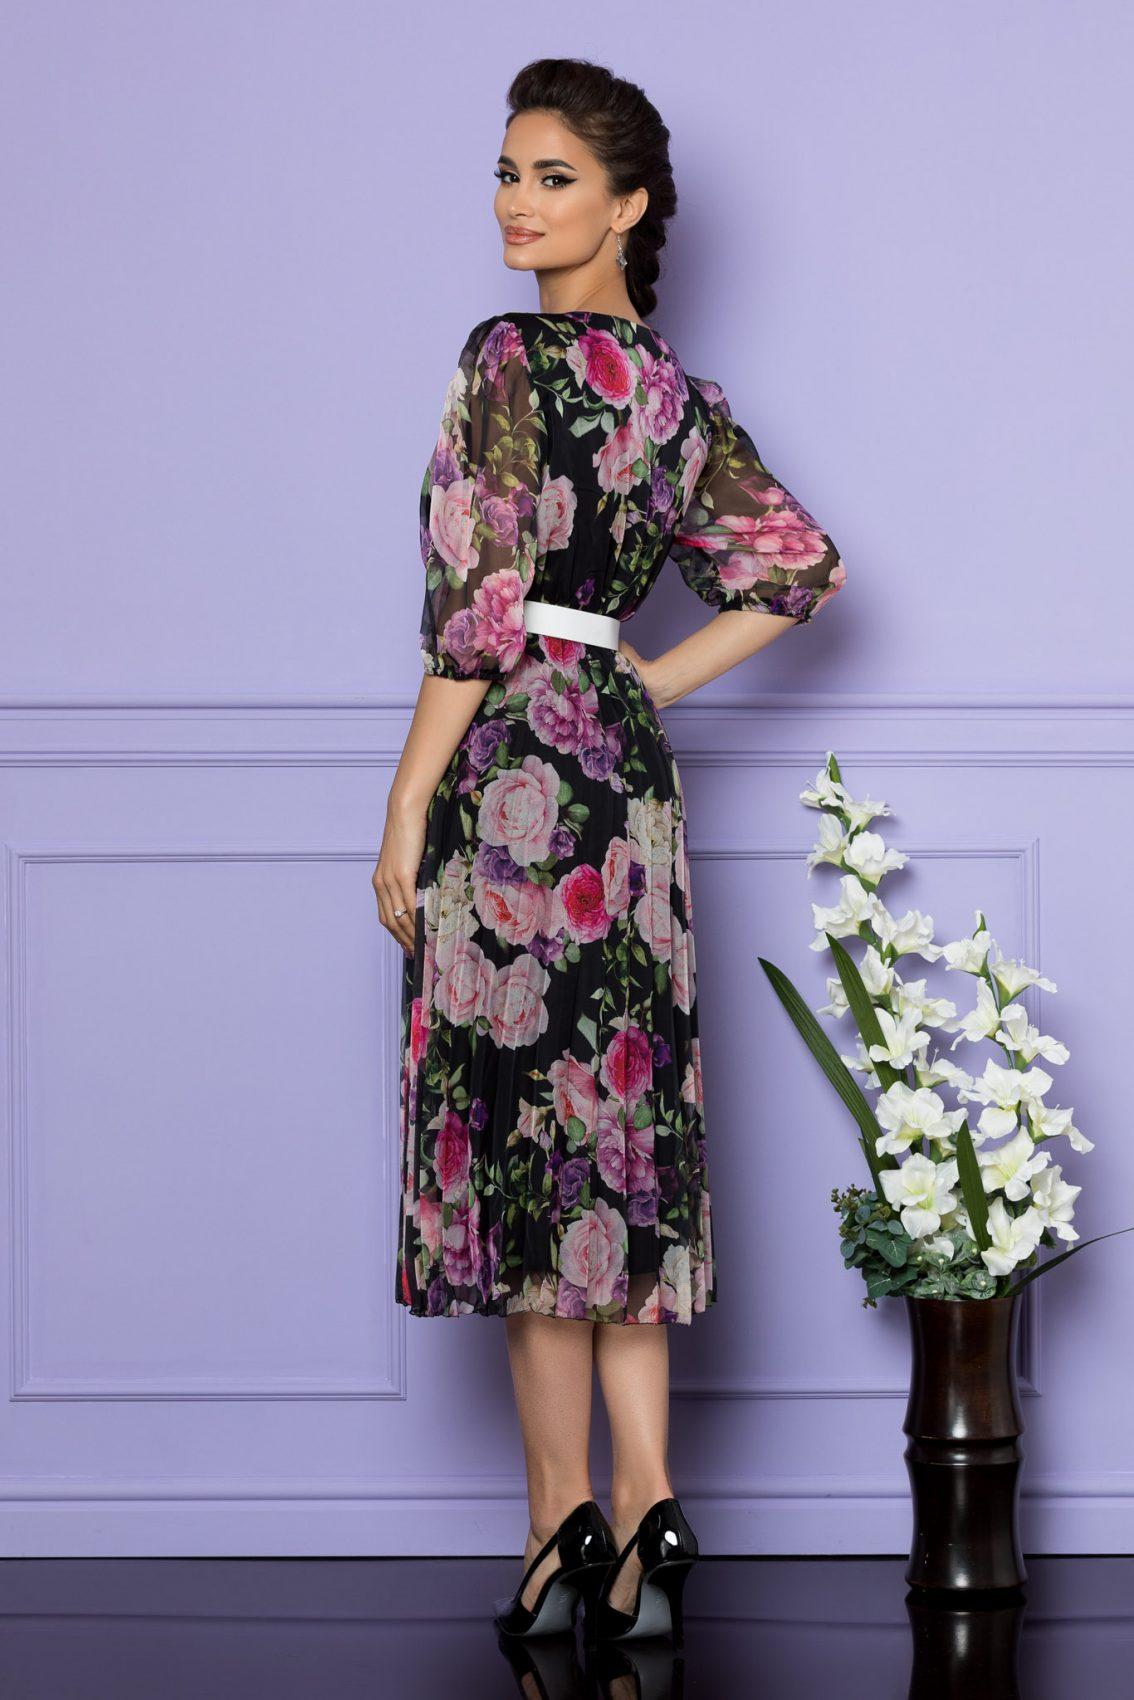 Μαύρο Φλοράλ Μίντι Κοντομάνικο Φόρεμα Cryna A735 2